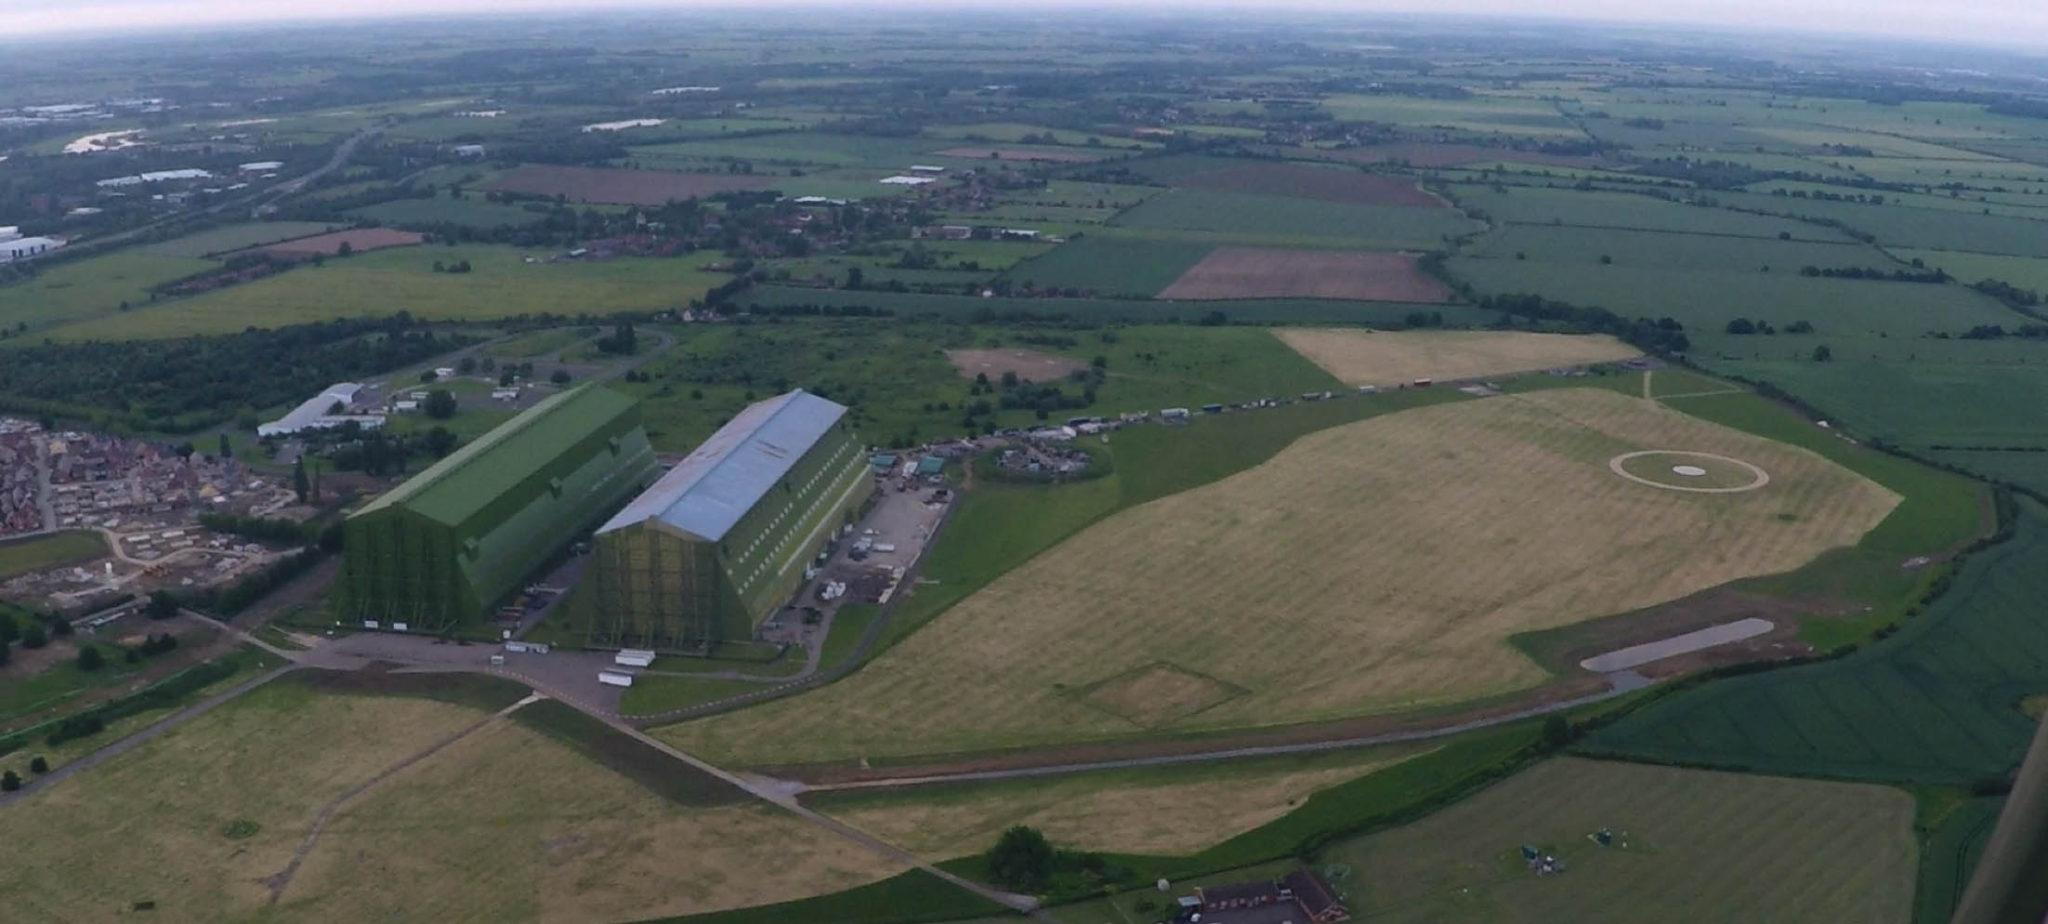 Hangar image